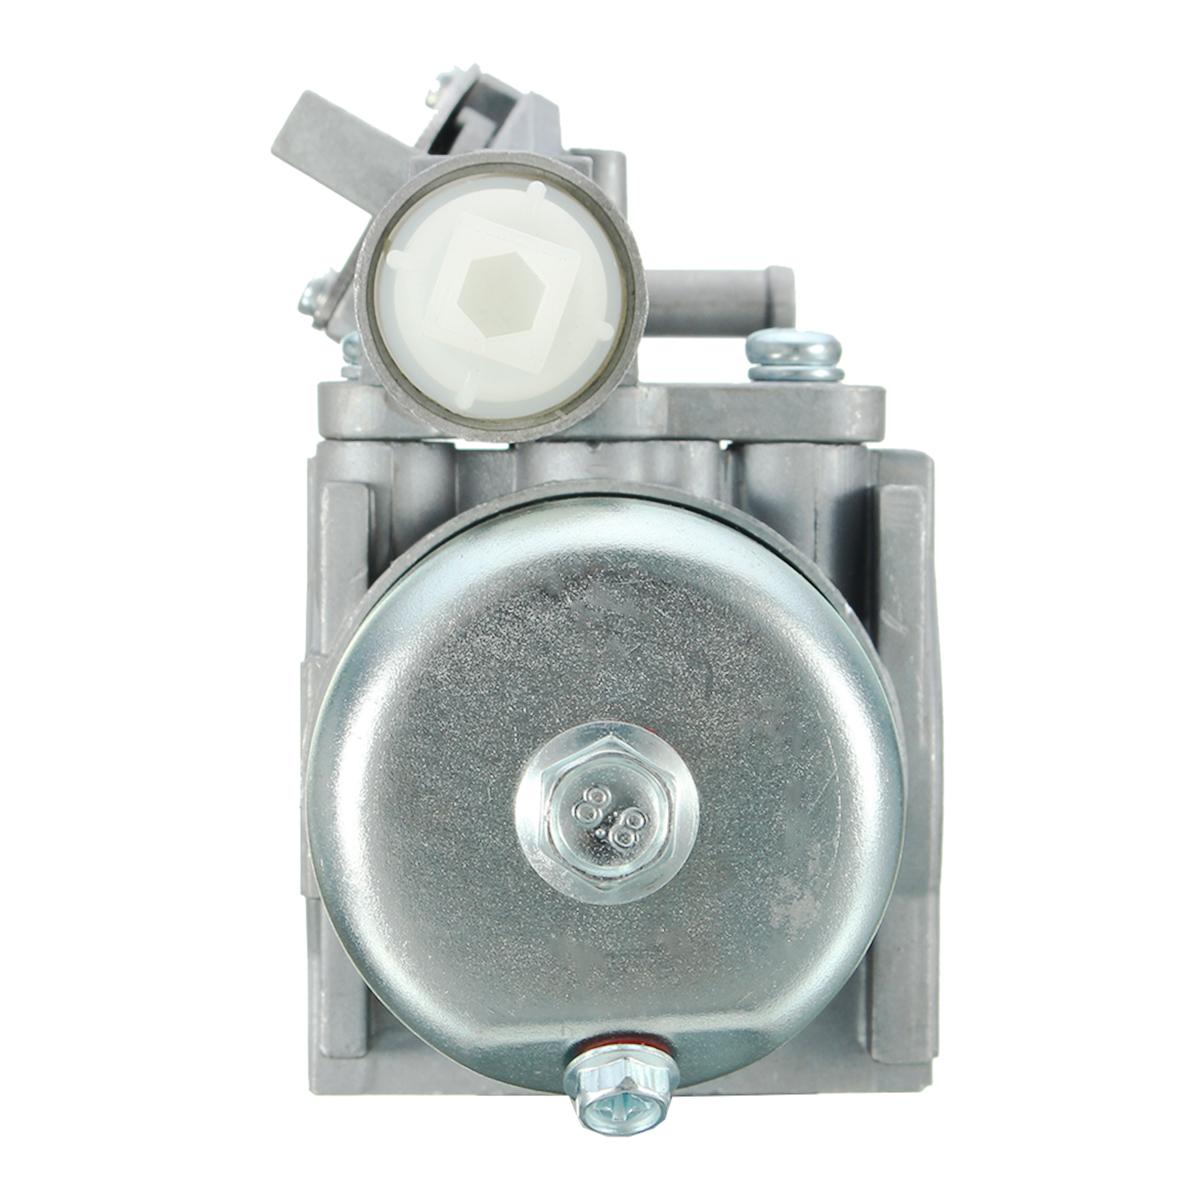 Карбюратор Carb W / Прокладки для Subaru Robin EX17 EX 17 Двигатель Мотор 277-62301-50 - фото 6